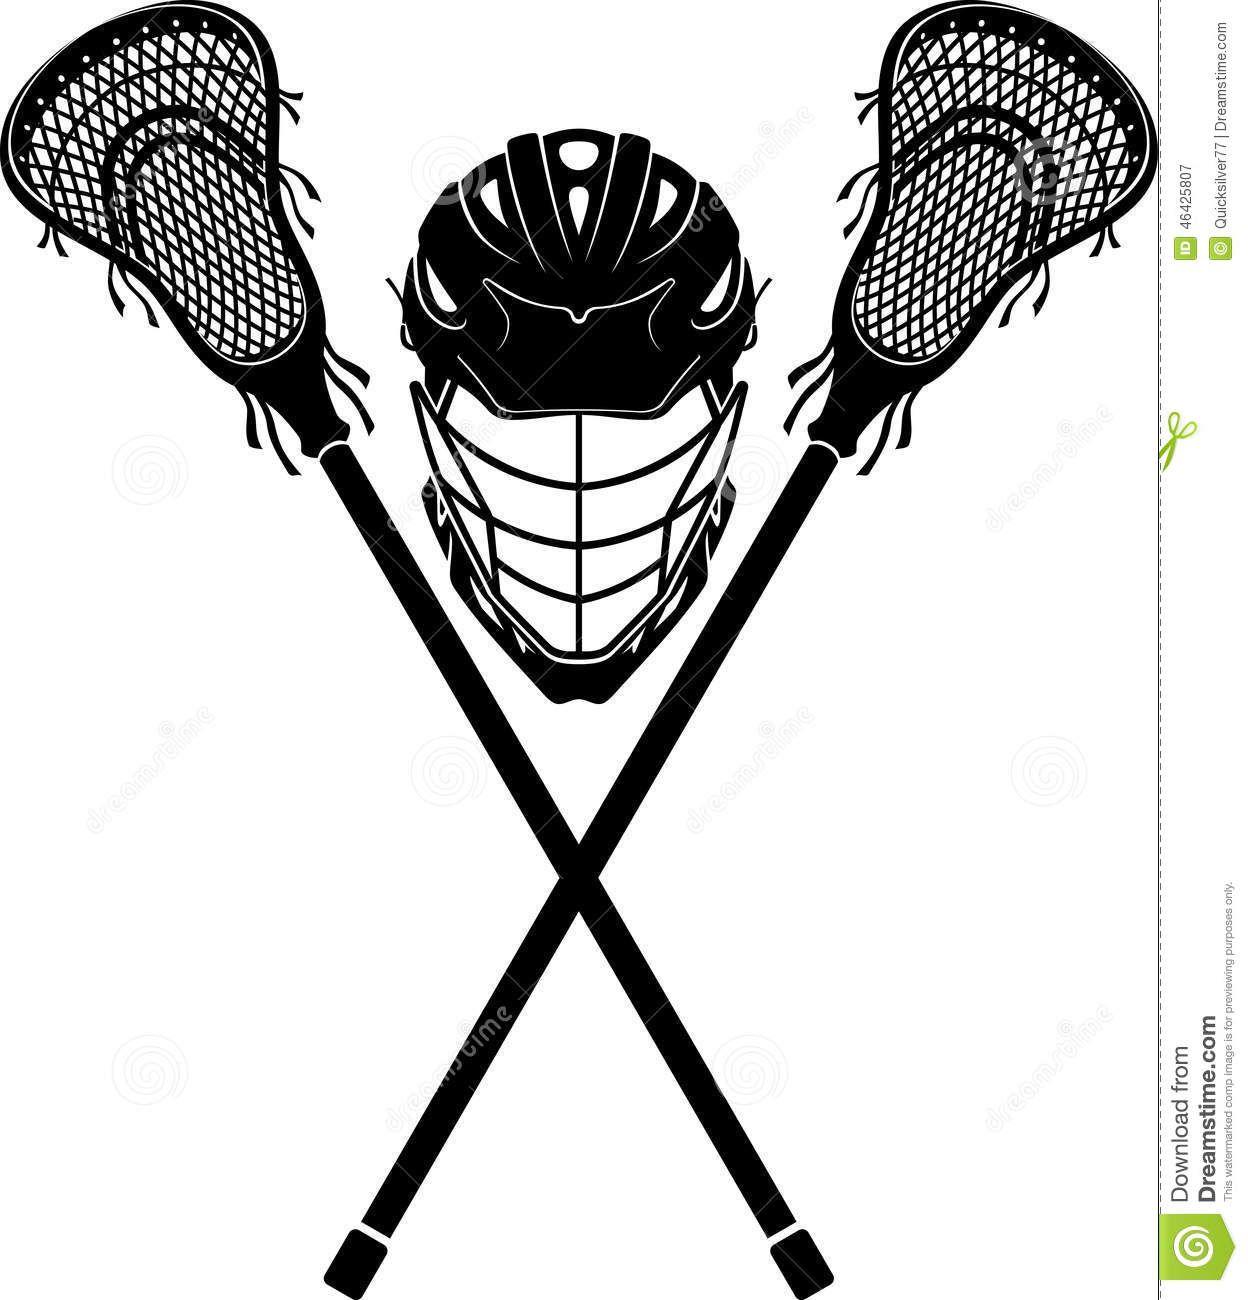 la crosse silhouette clip art silhouette projects lacrosse sport sports equipment  [ 1248 x 1300 Pixel ]